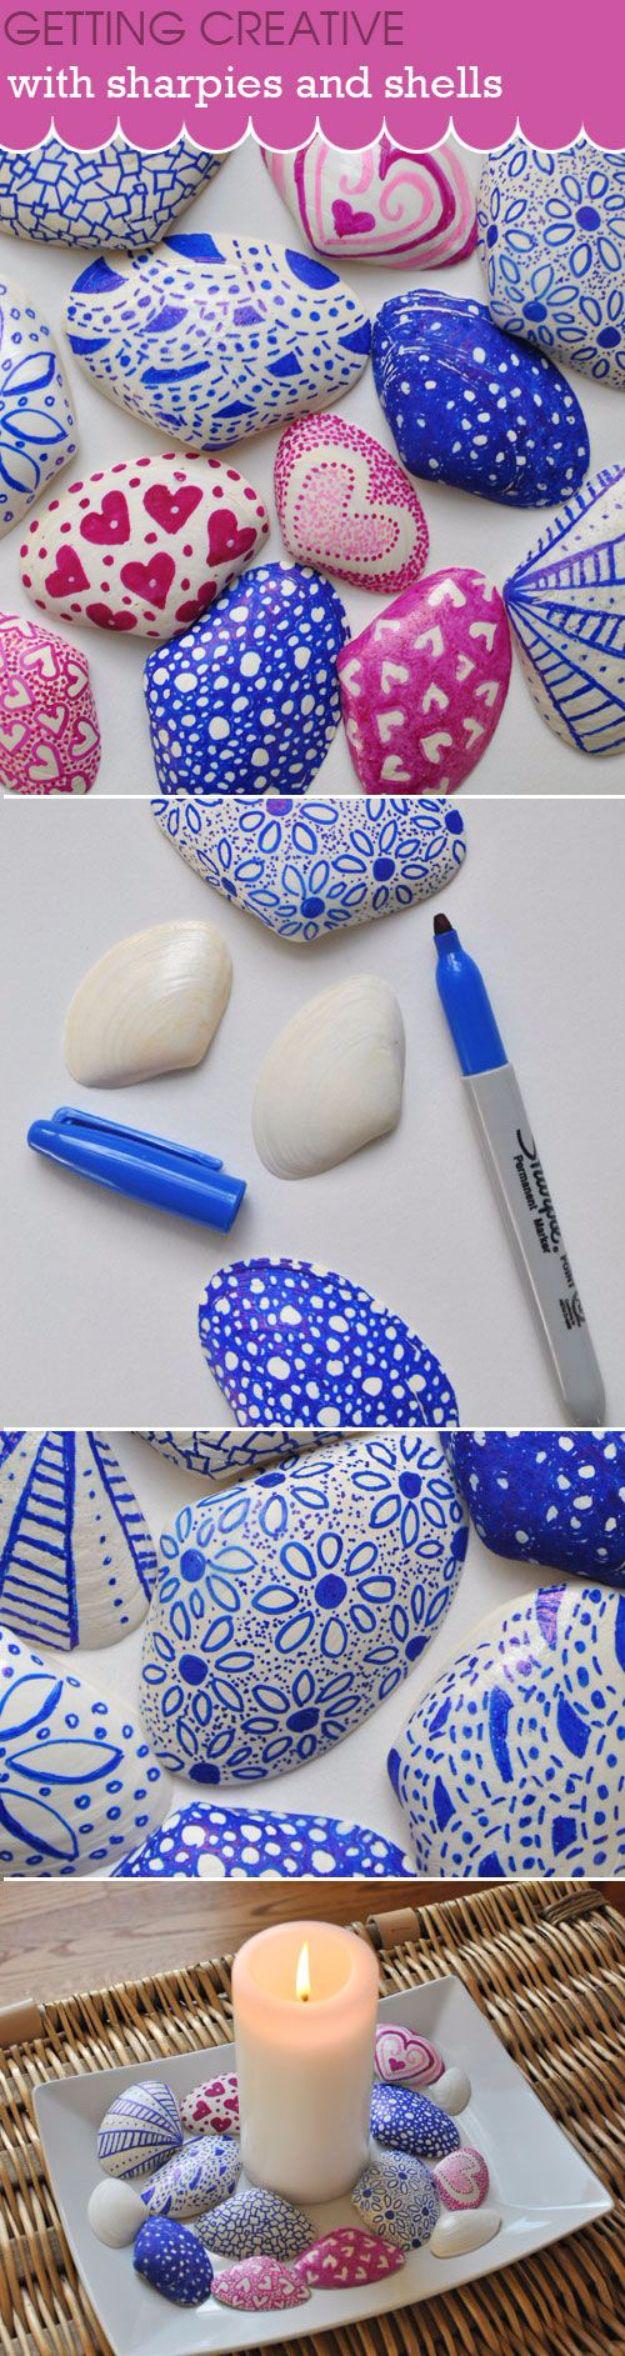 DIY Sharpie Crafts